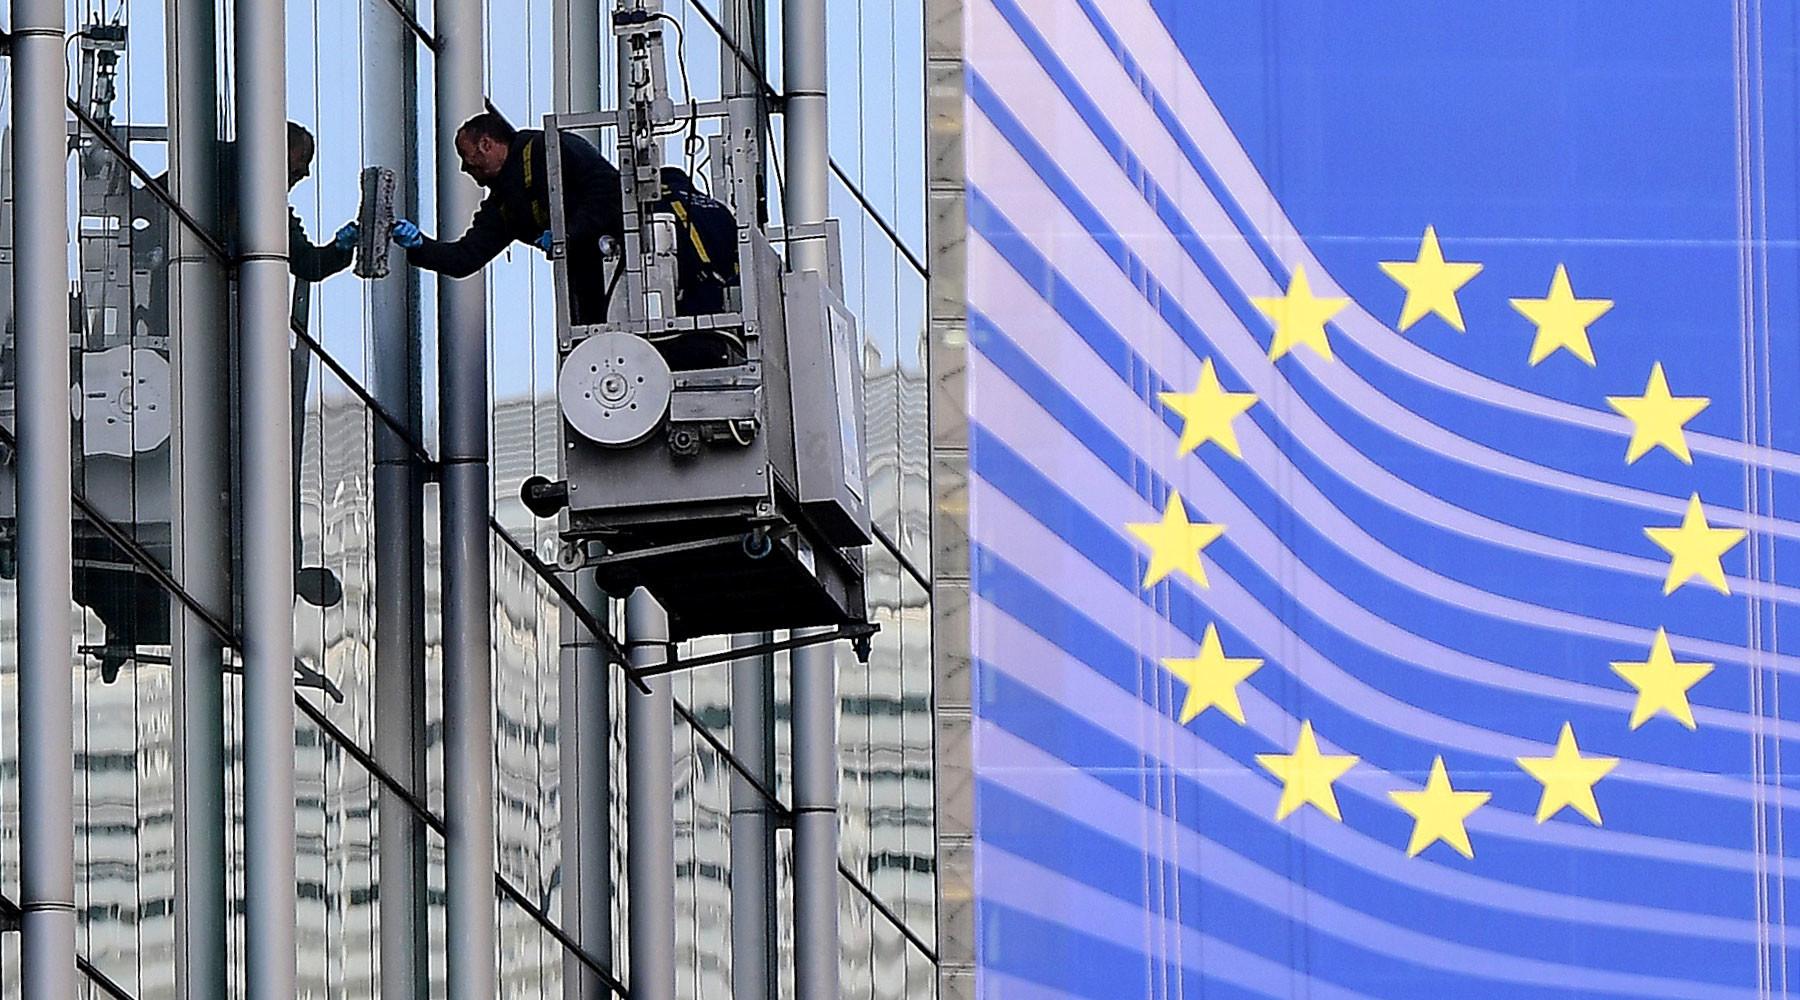 Евросоюз вводит санкции против Варшавы »